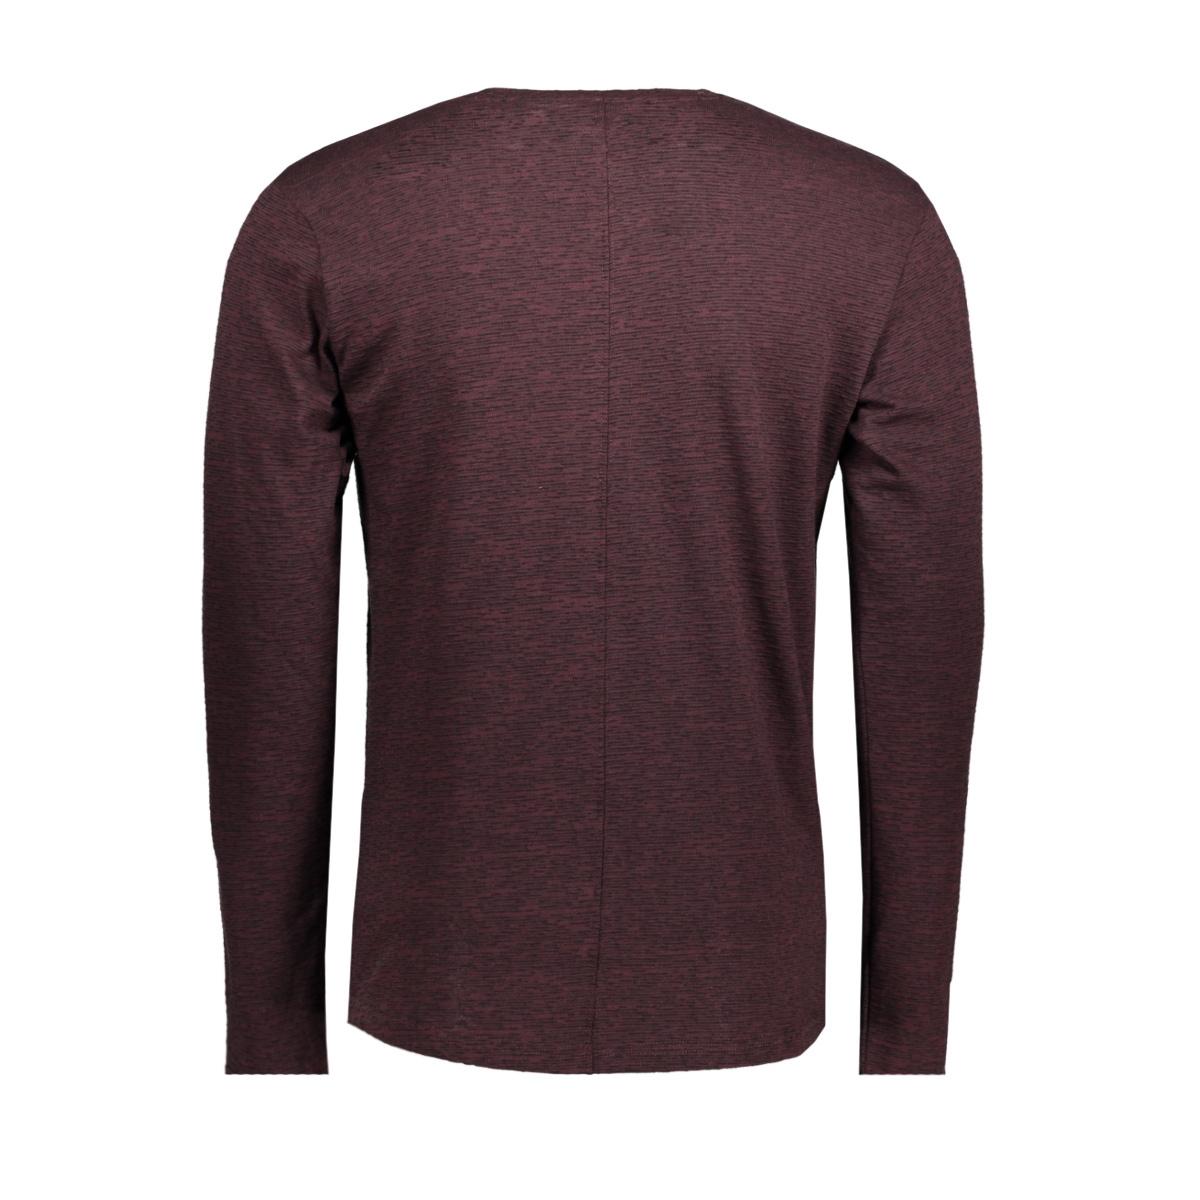 onsaway ls slim tee noos 22007511 only & sons t-shirt fudge